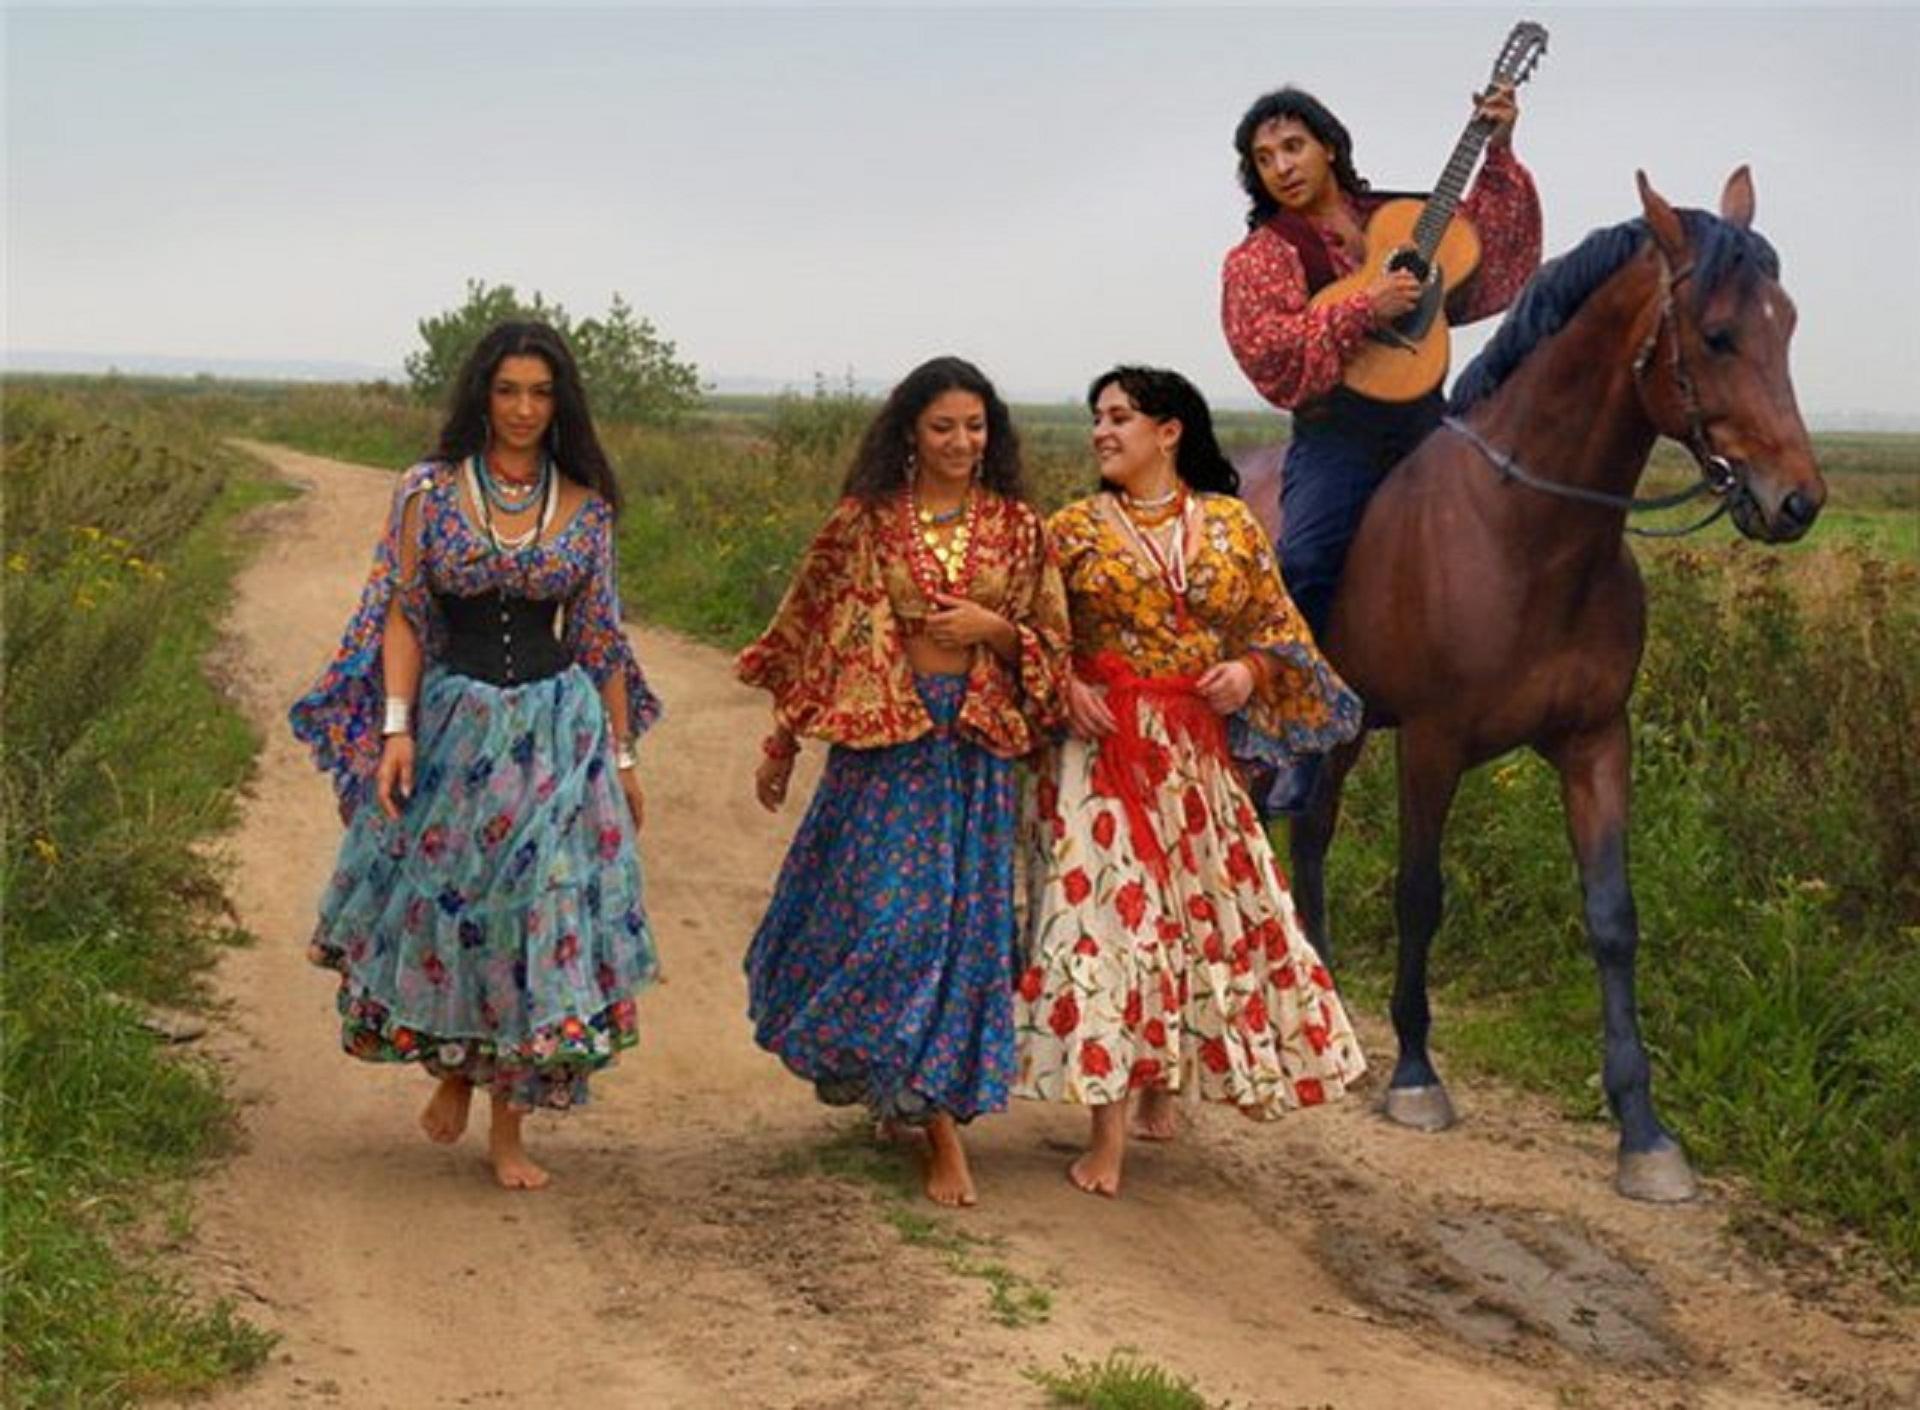 Цыганский стиль в одежде  дух странствий   Портал Обучения .. 76ff87acd8a